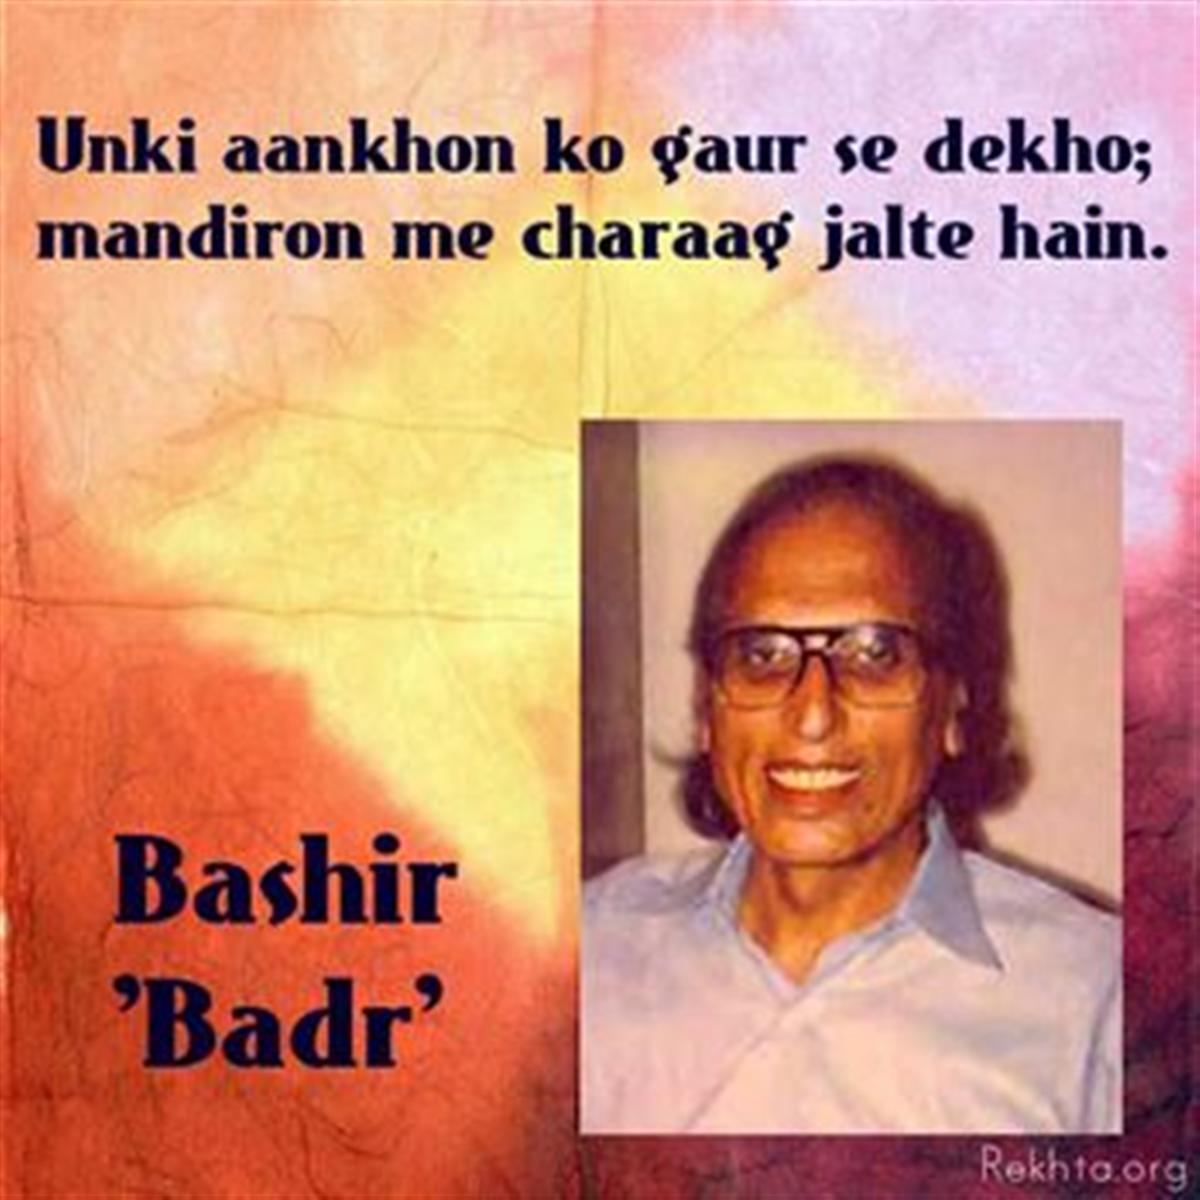 us kii aa.nkho.n ko Gaur se dekho-Bashir Badr